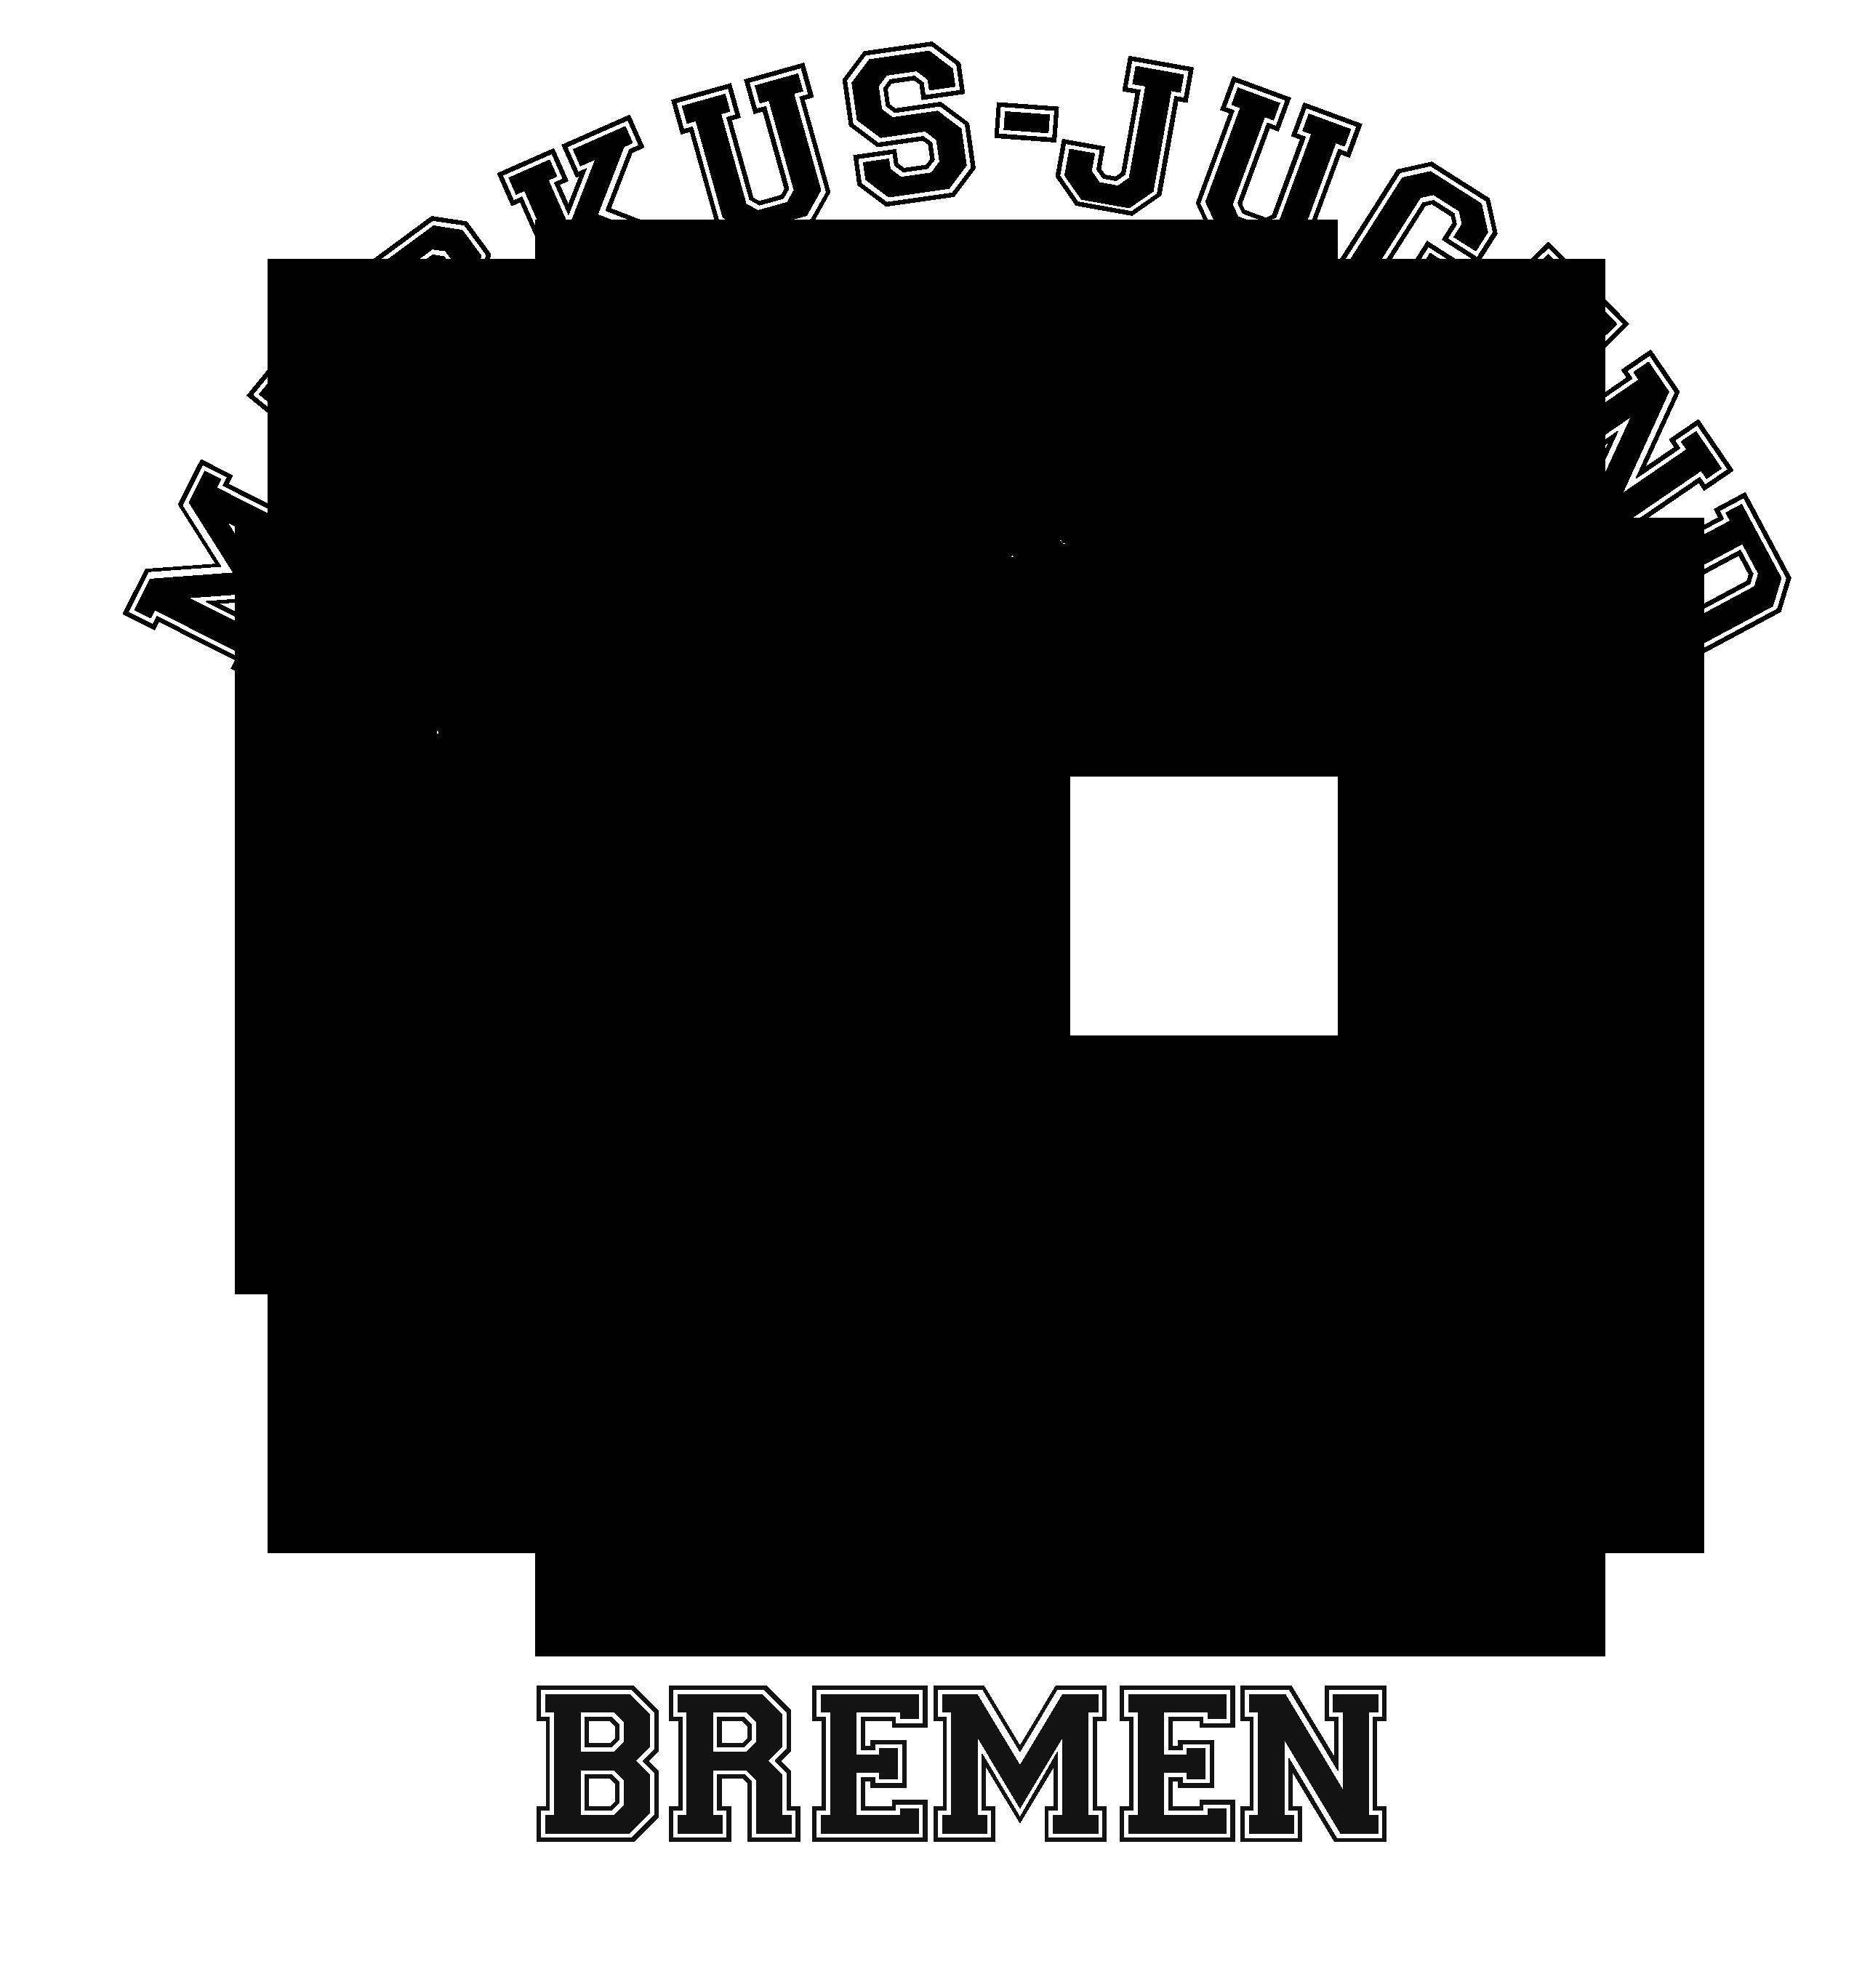 Markus-Jugend Bremen